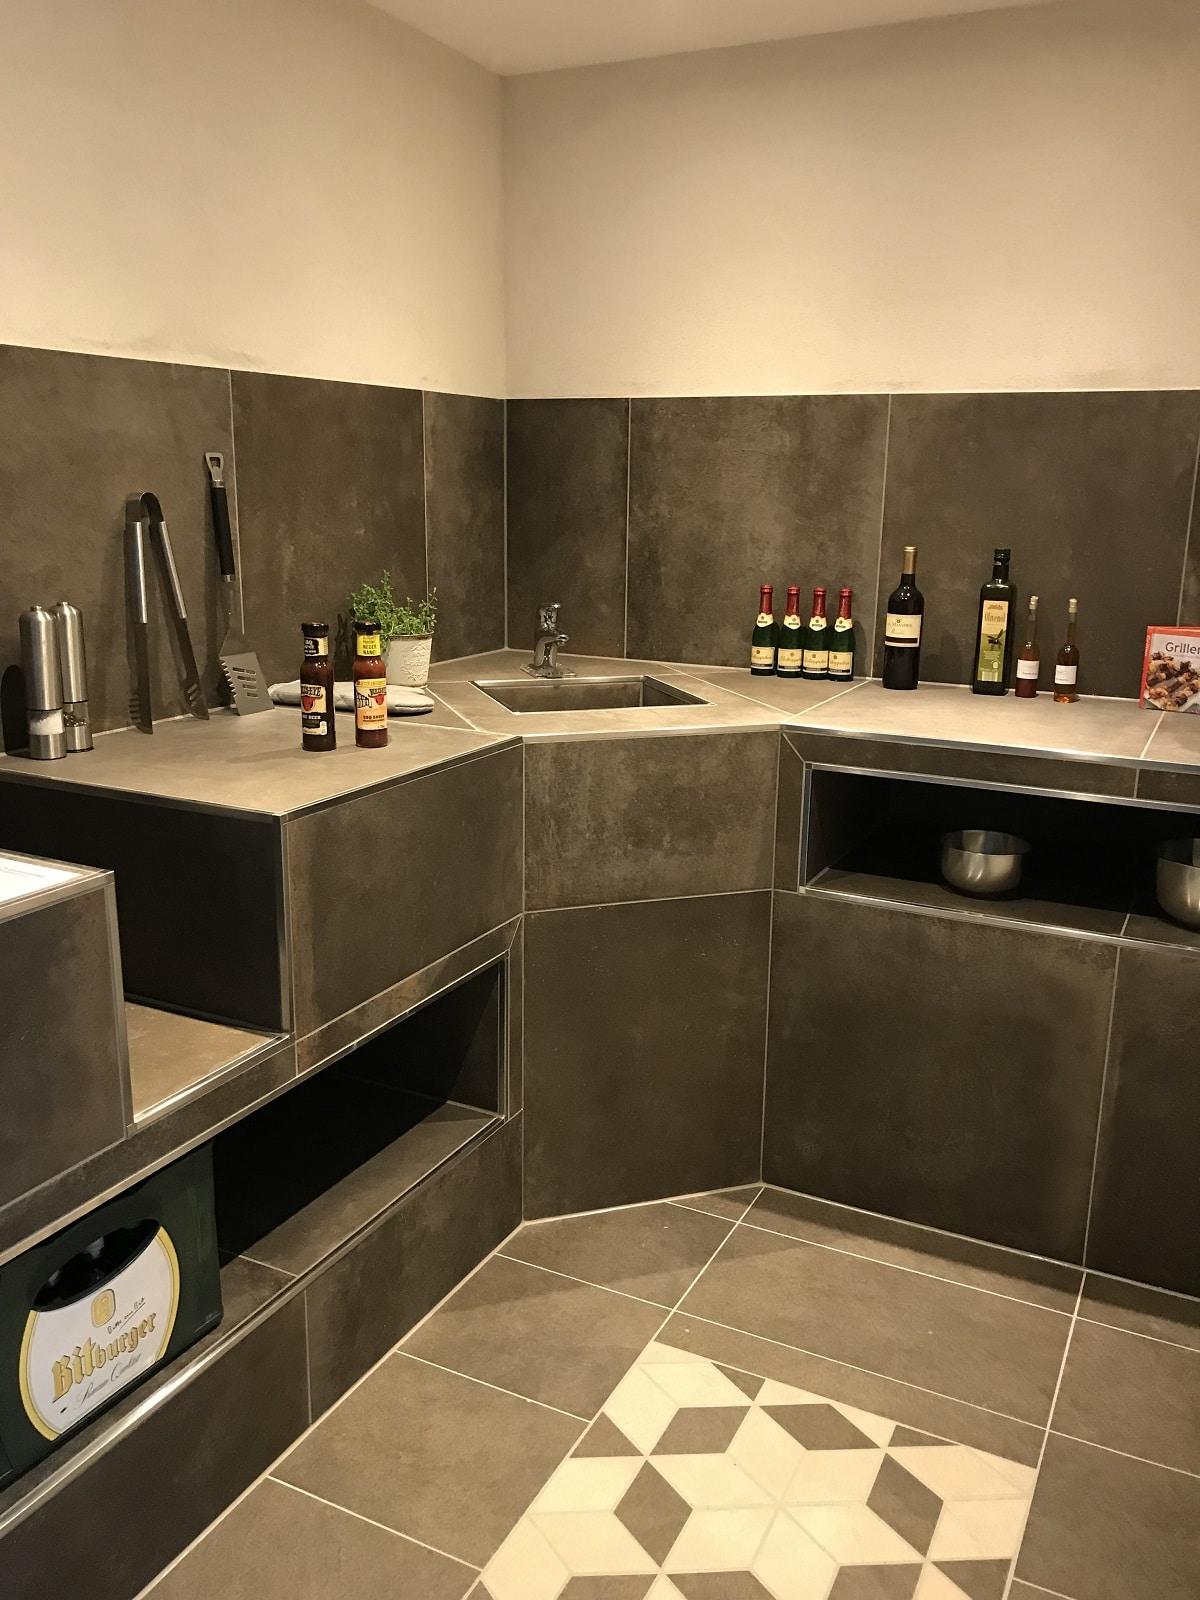 Full Size of Küchen Regal Outdoor Küche Kaufen Amerikanische Betten Amerikanisches Bett Edelstahl Wohnzimmer Amerikanische Outdoor Küchen